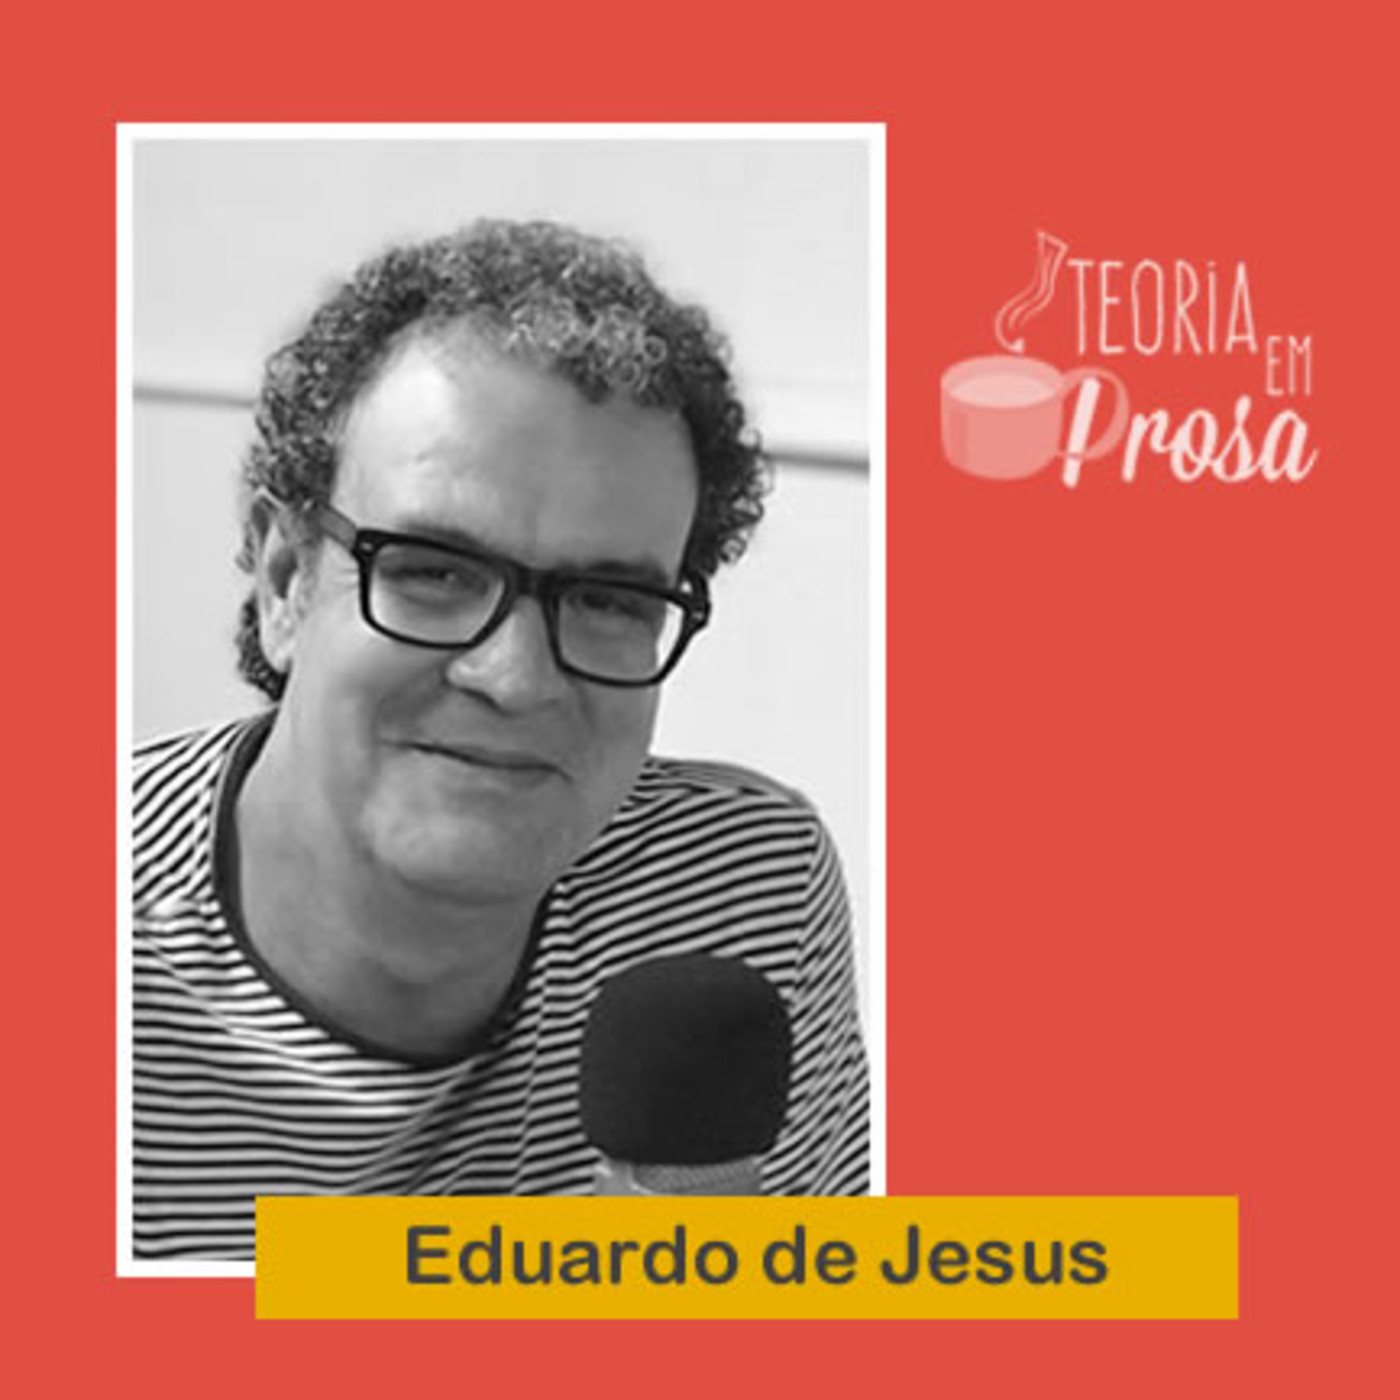 #09 Teoria em Prosa - Eduardo de Jesus